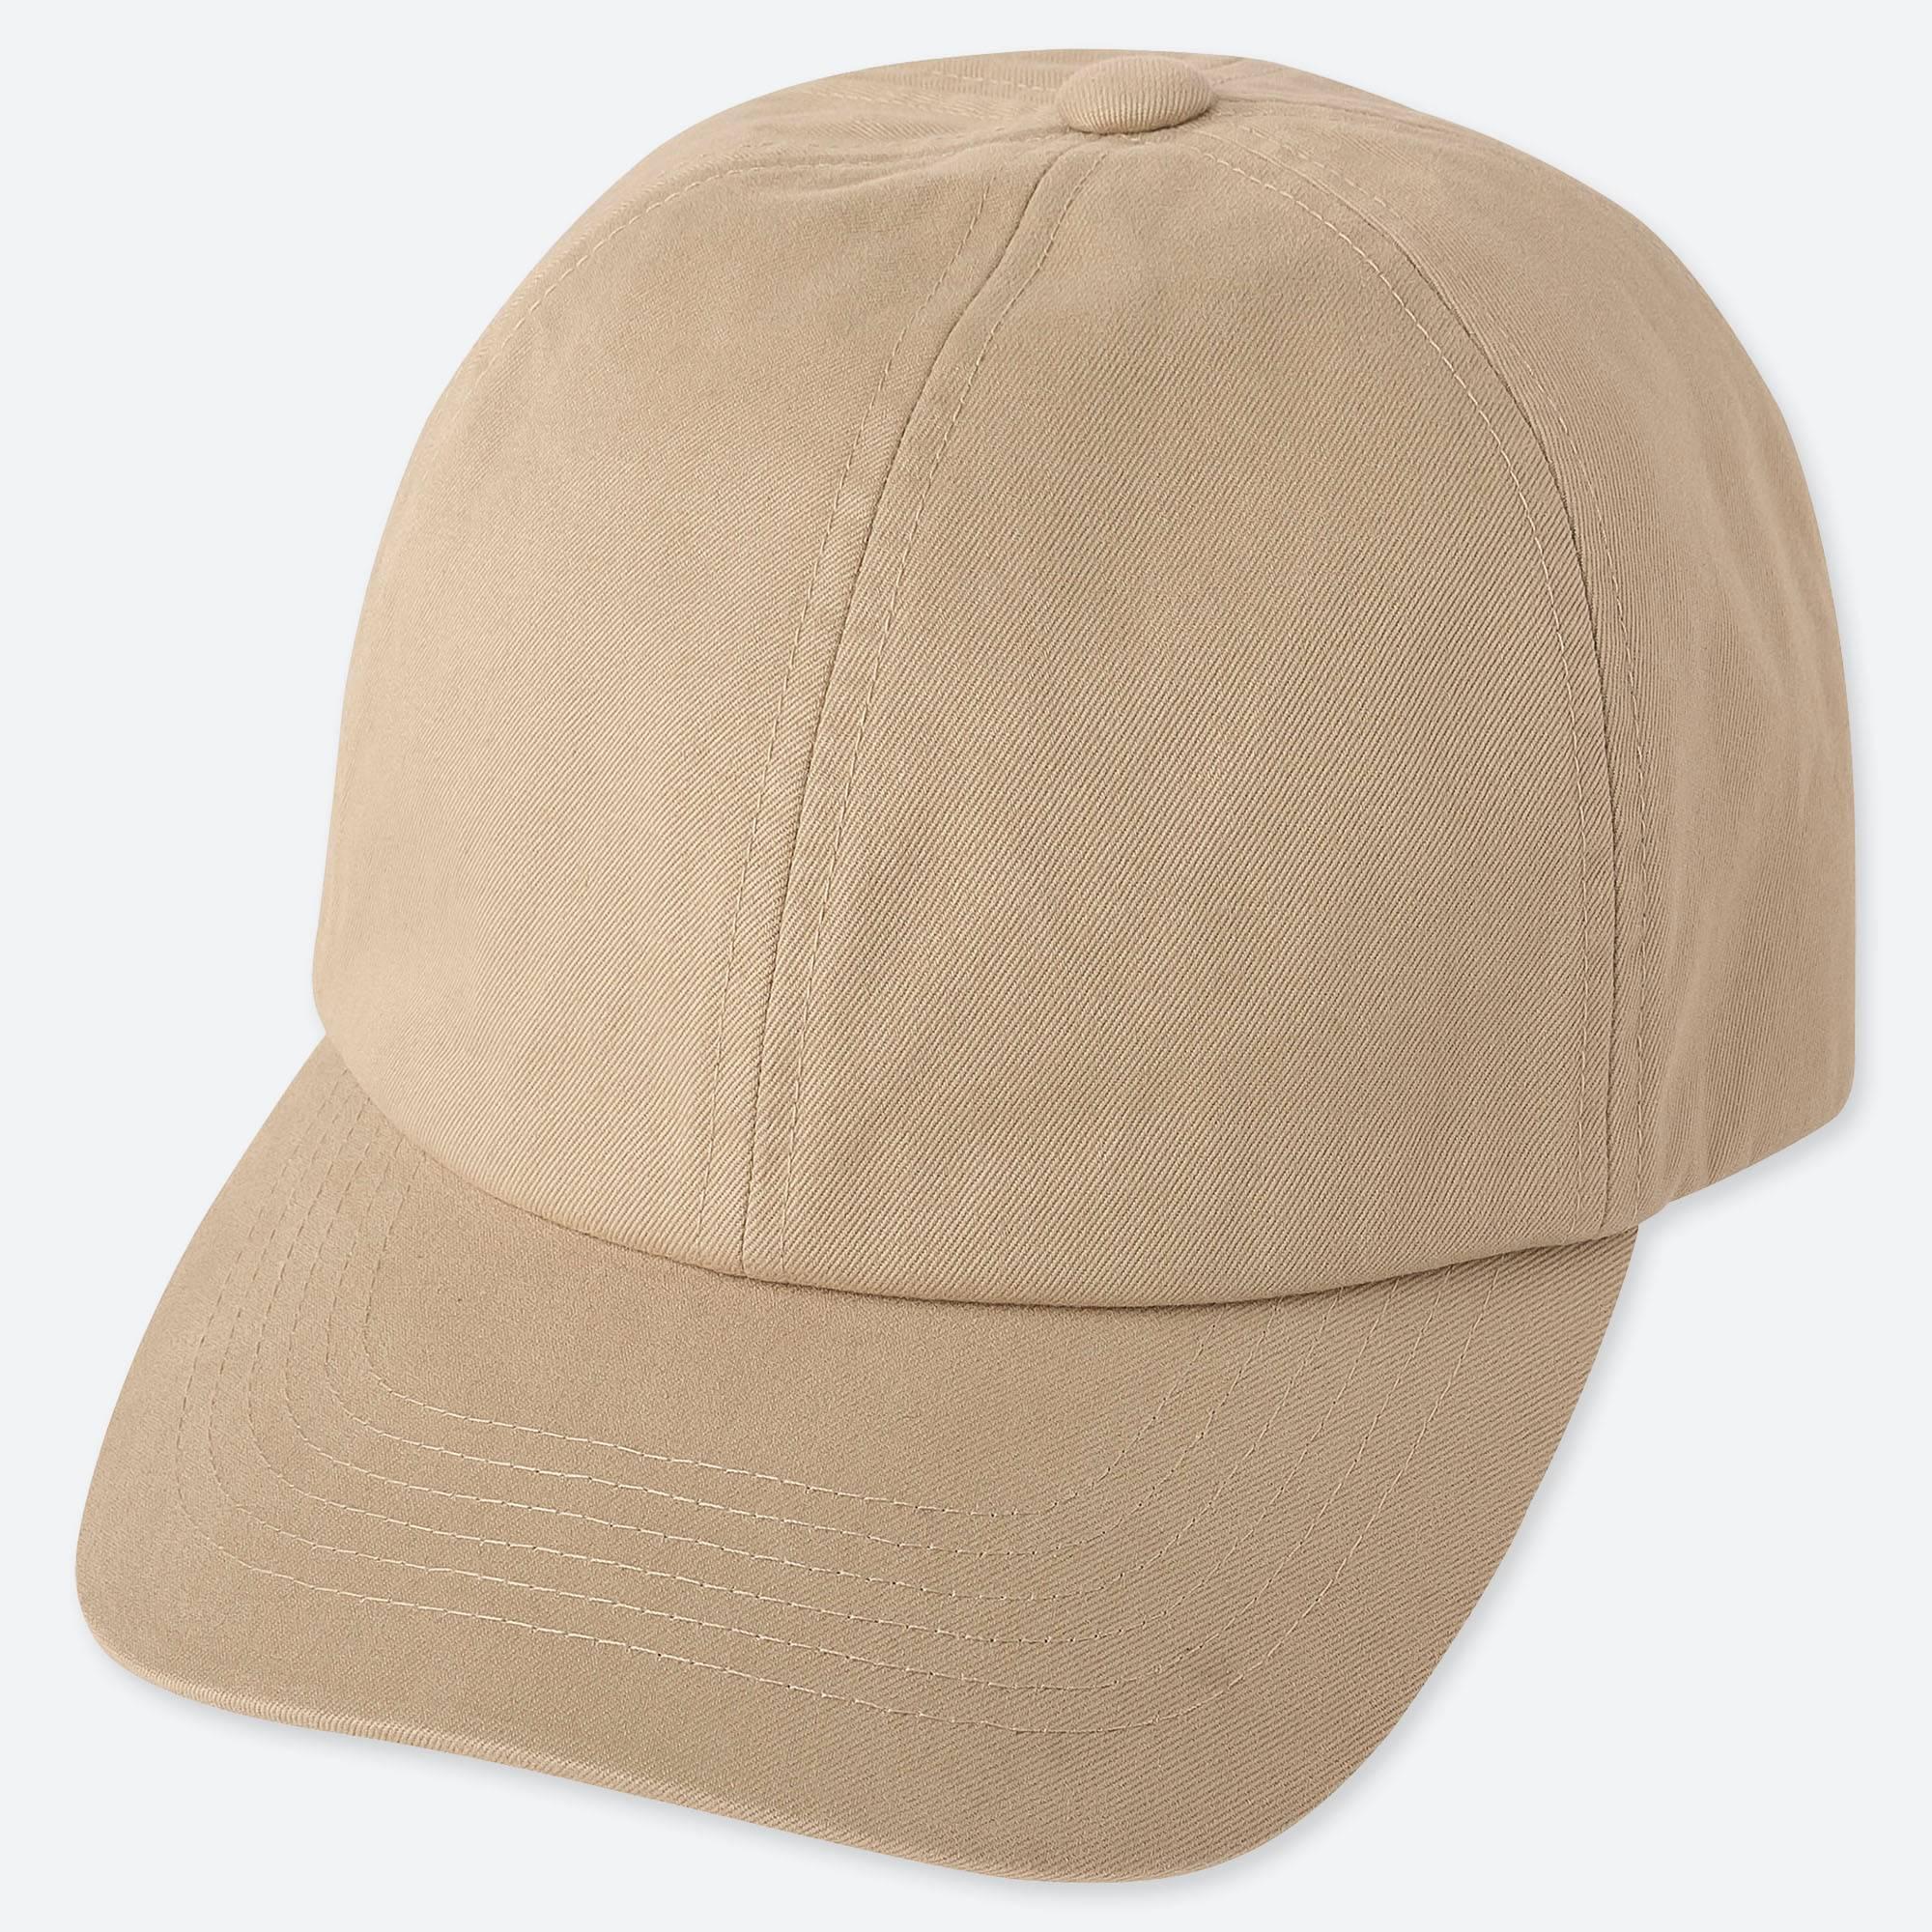 Lyst - Uniqlo Cotton Twill Cap in Natural for Men 654812ca92e4